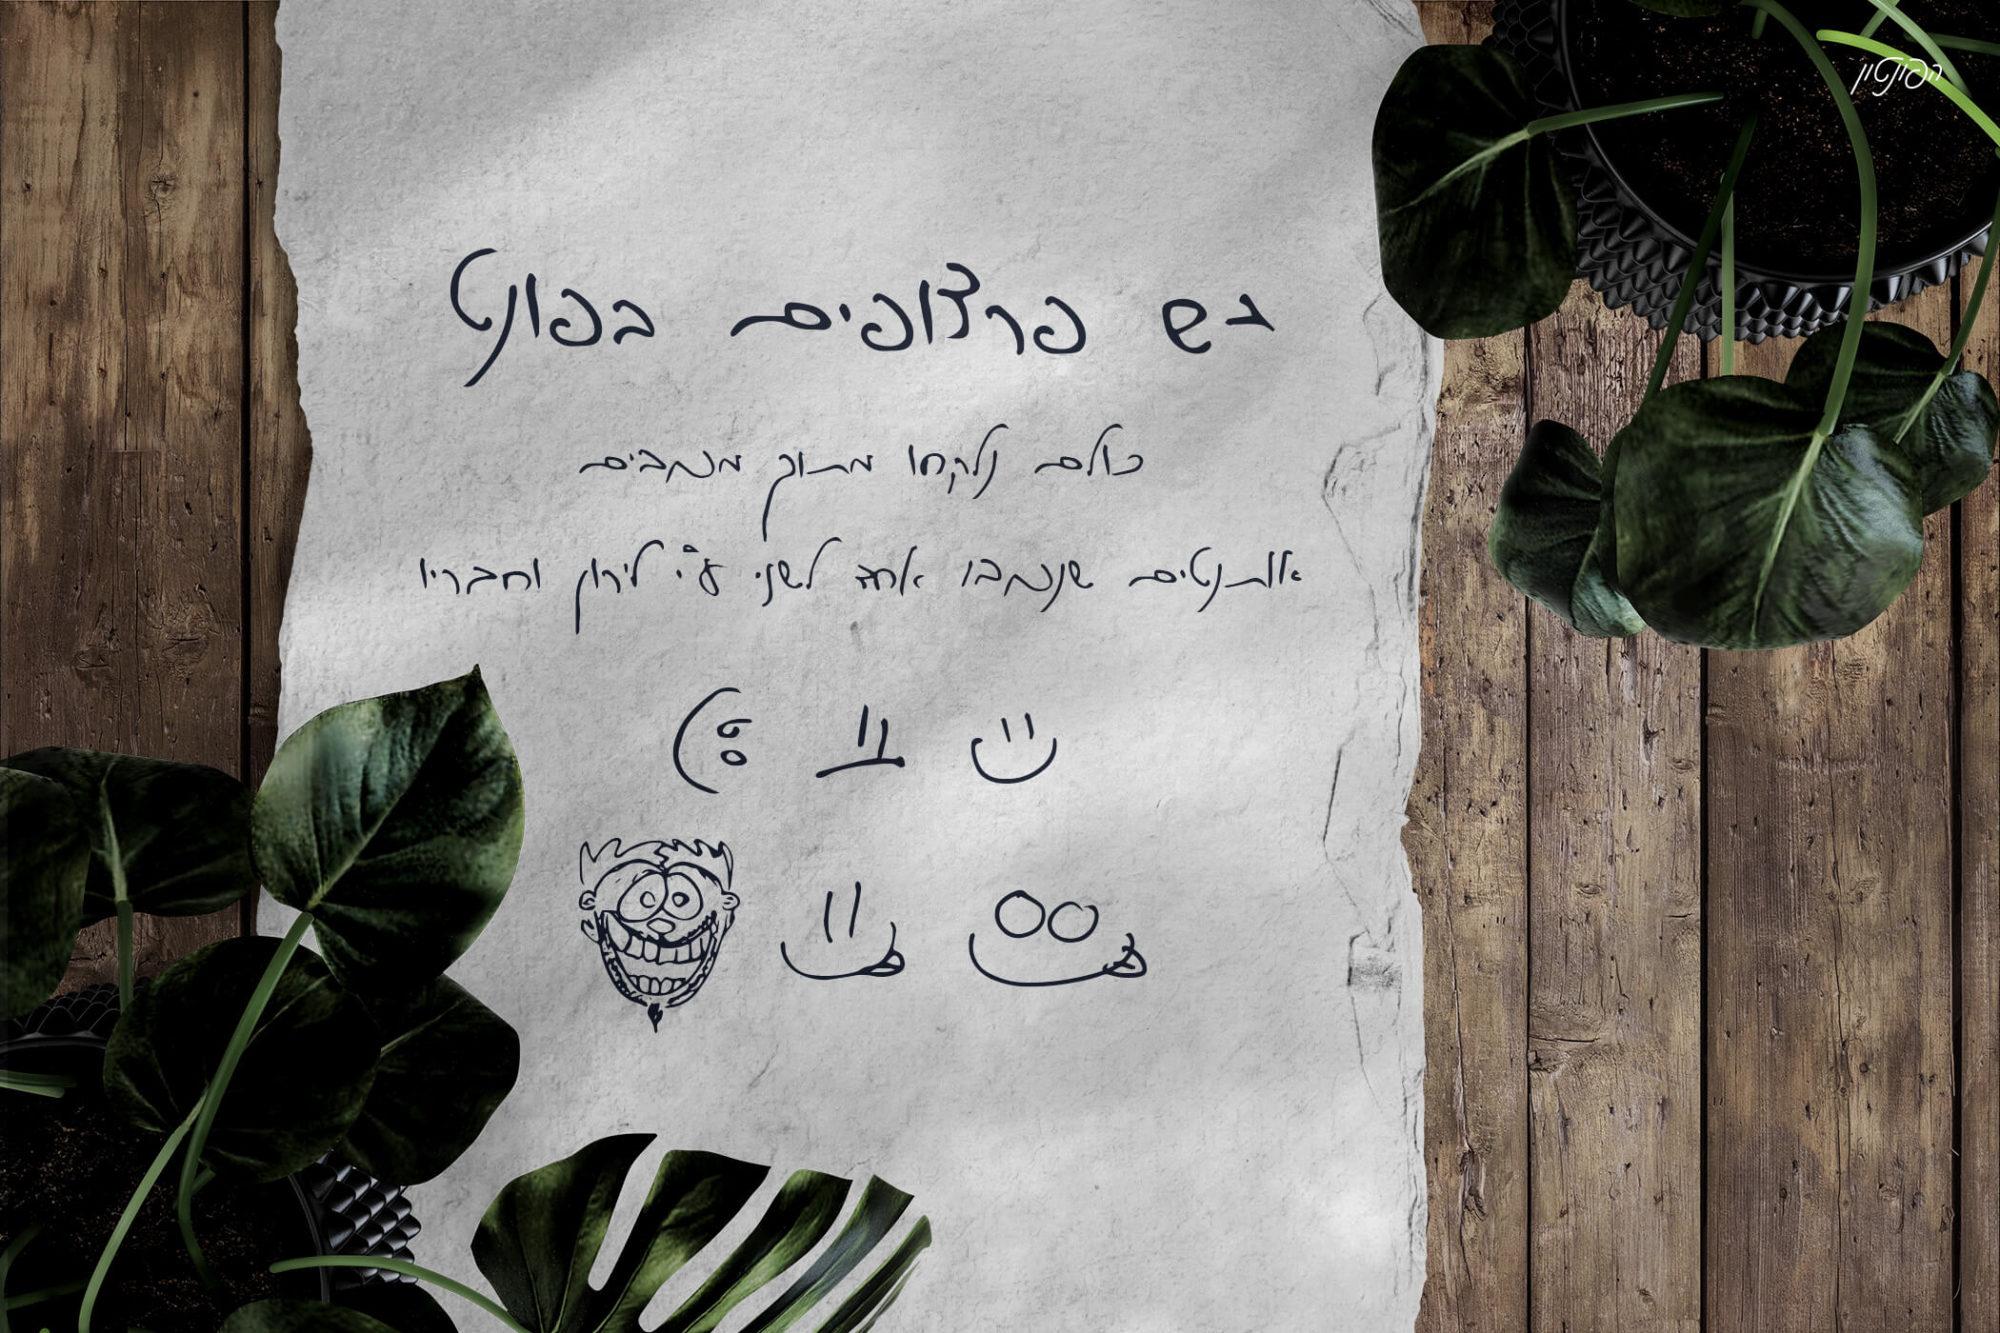 """גם פרצופים בפונט – כולם נלקחו מתוך מכתבים אותנטיים שנכתבו אחד לשני ע""""י לירון וחבריו"""